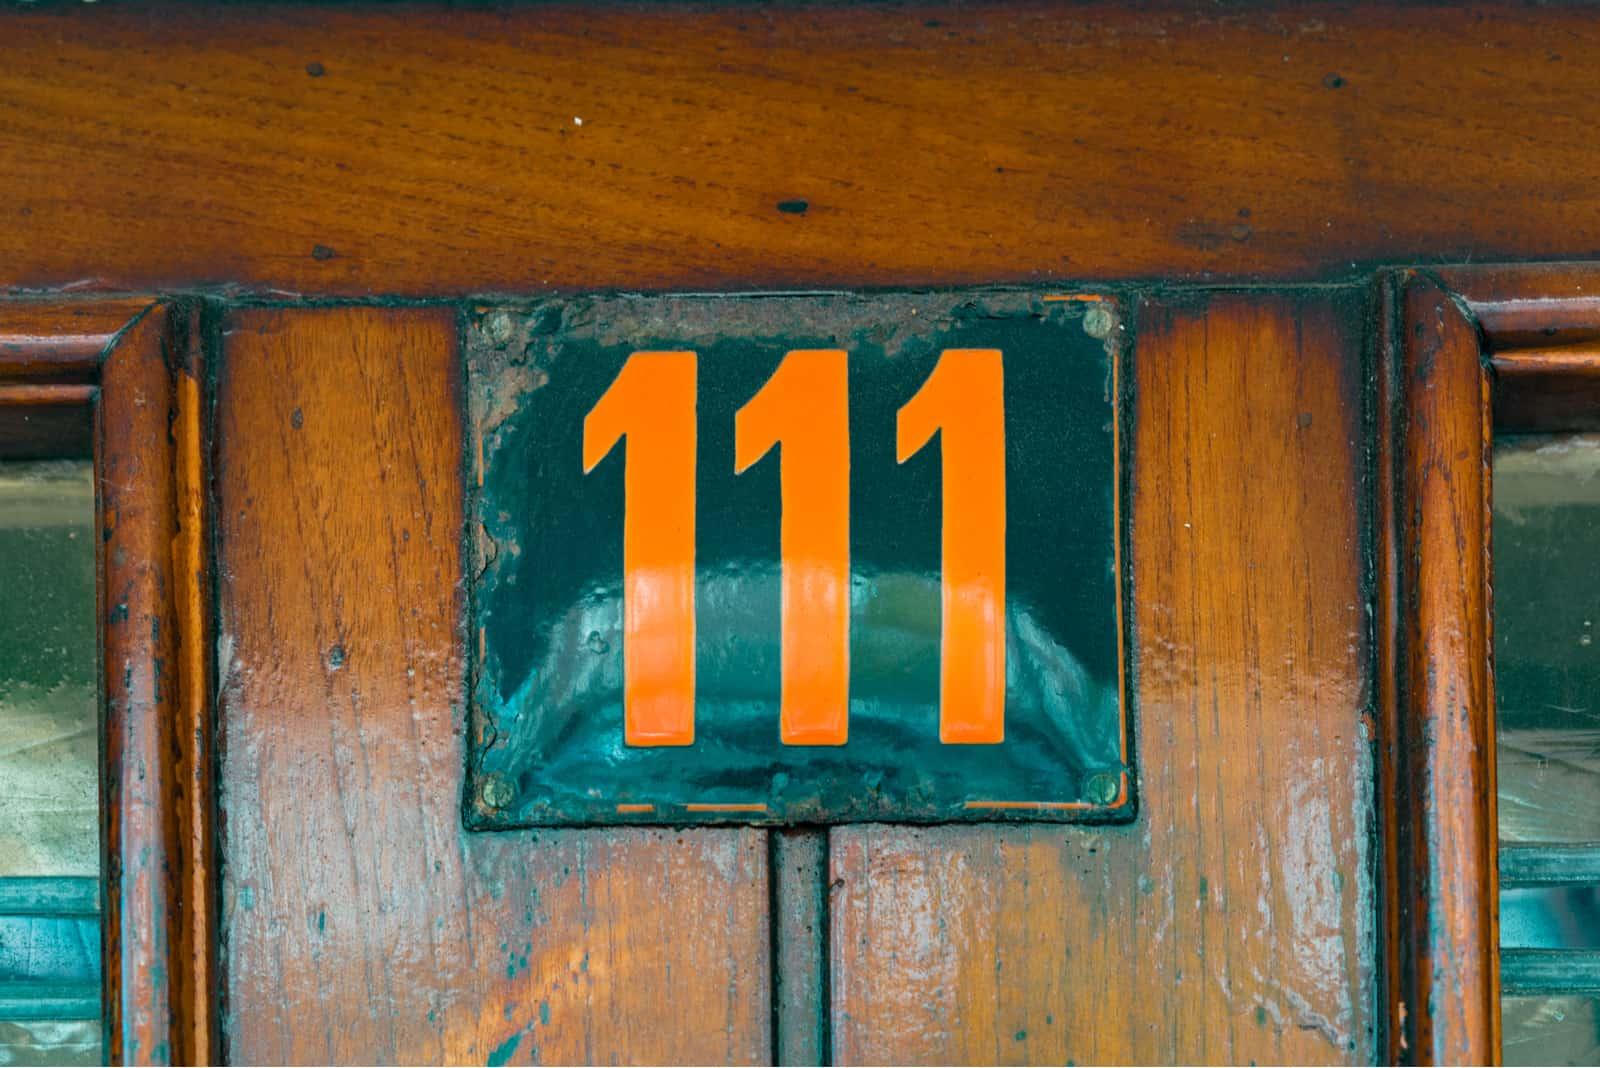 numéro 111 sur socle en bois